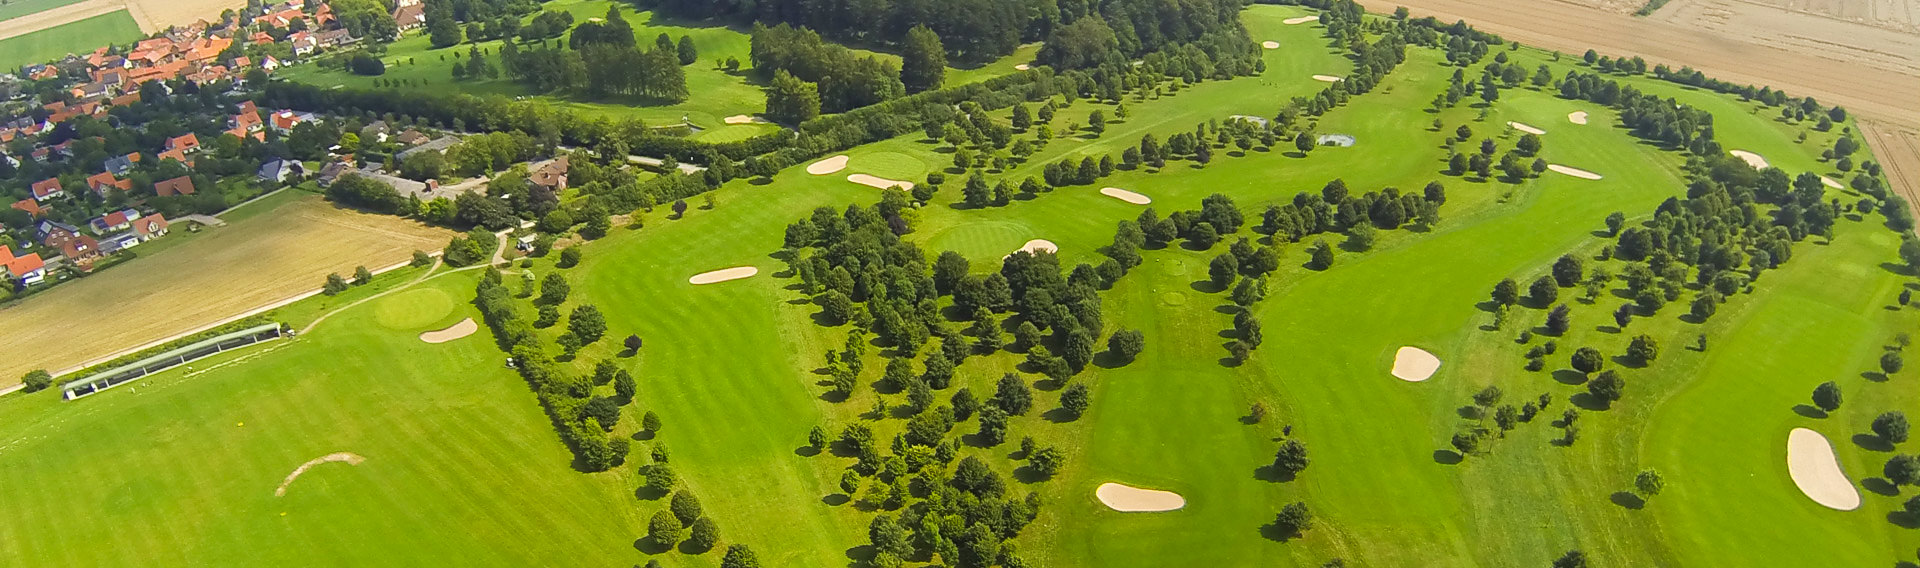 Luftbild Crew Hamburg - Luftaufnahme Golf Club Sieben Berge Rheden